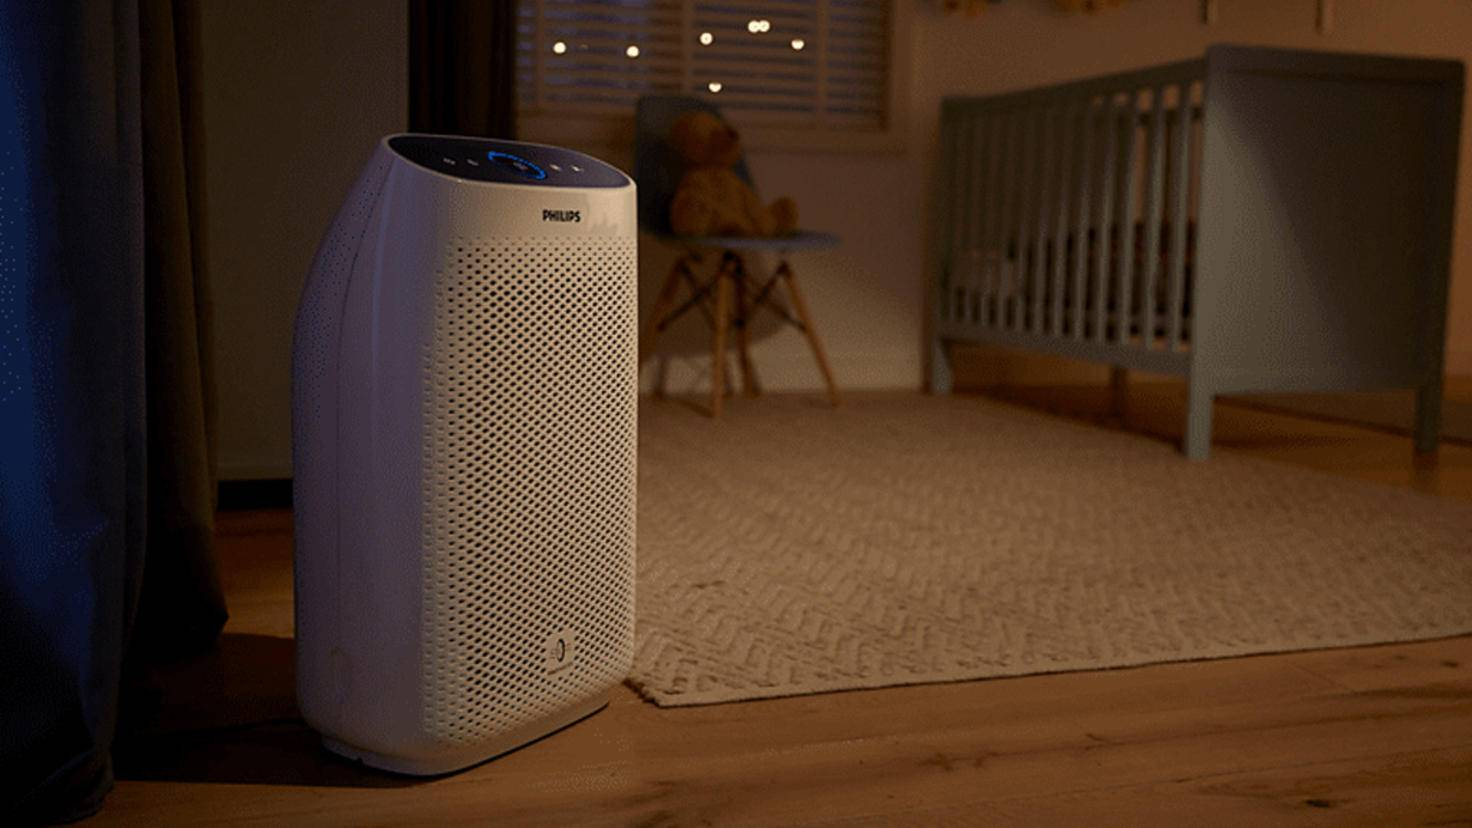 Philips air purifier AC121410 1000i